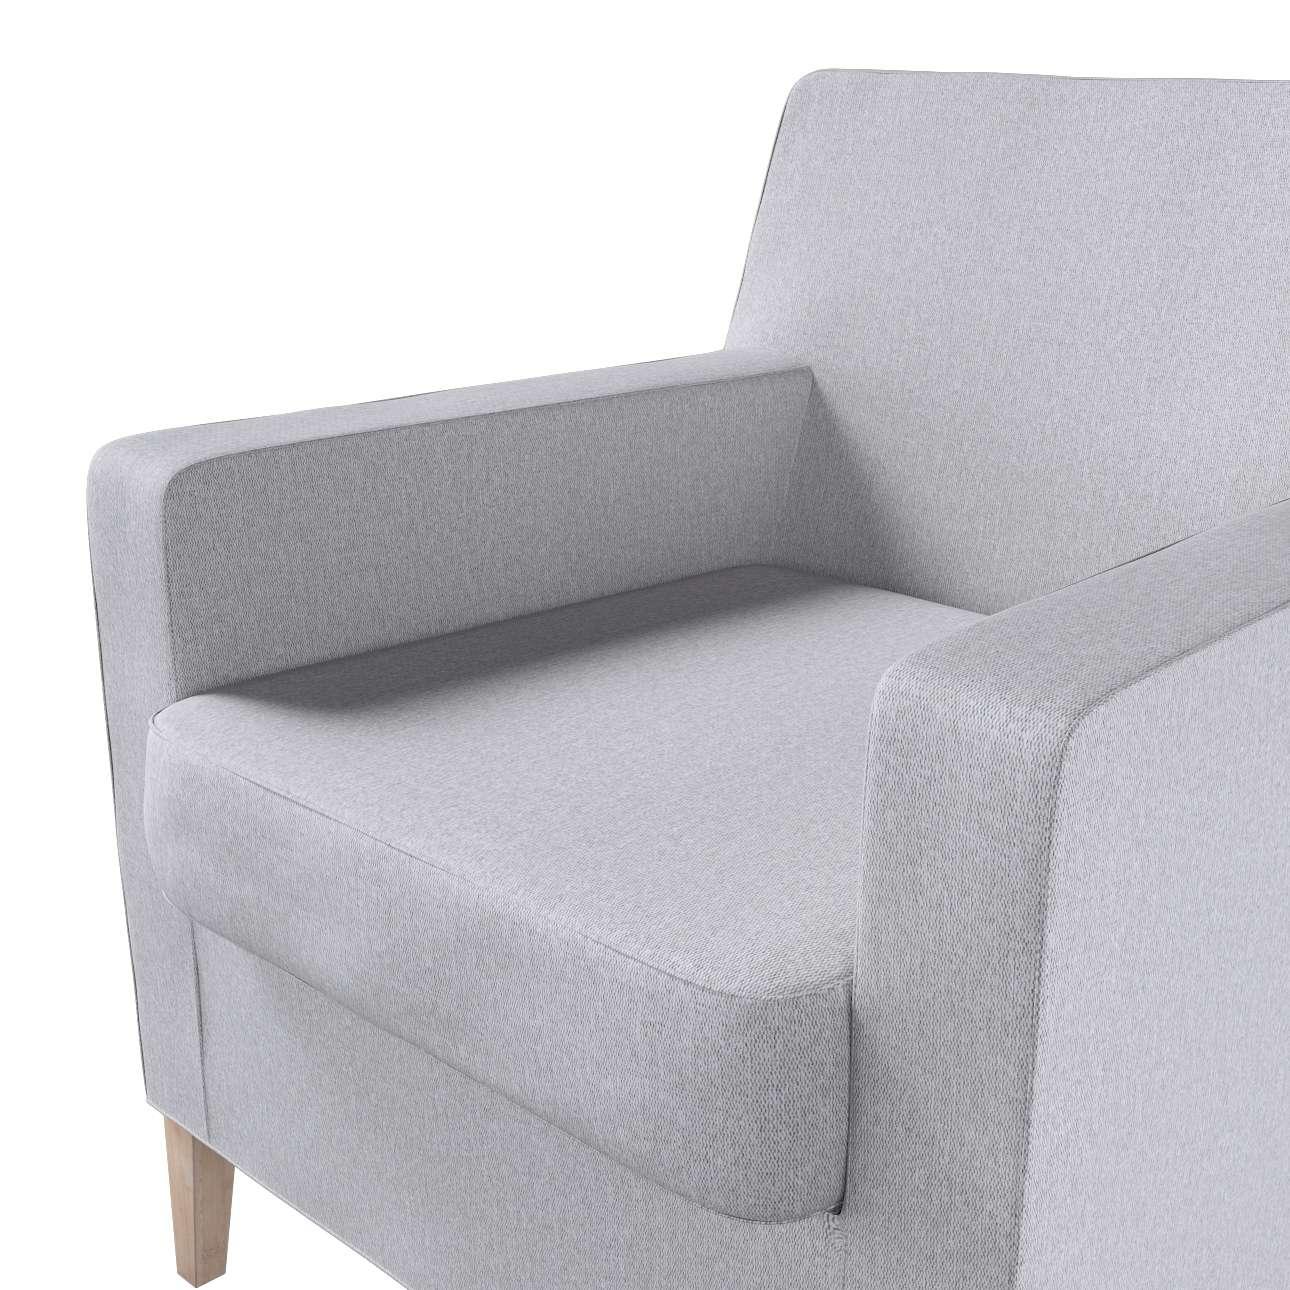 Karlstad nojatuoli, korkea mallistosta Amsterdam, Kangas: 704-45